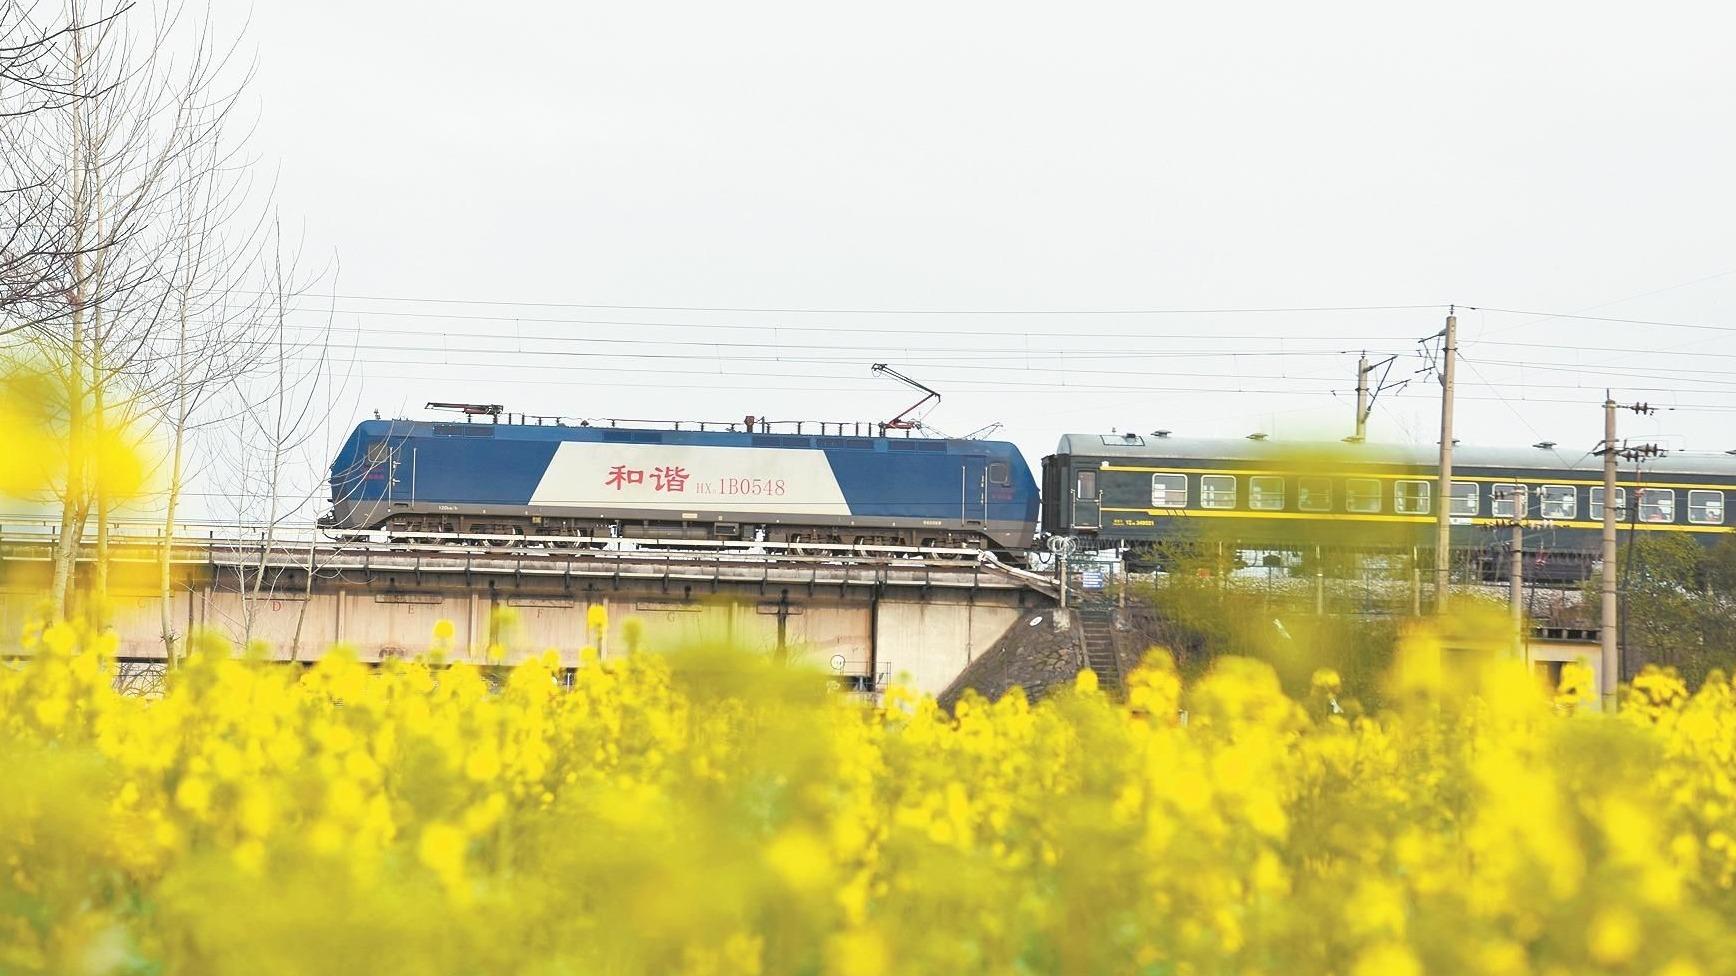 40天春运平安落幕 武铁发送旅客1085万人次